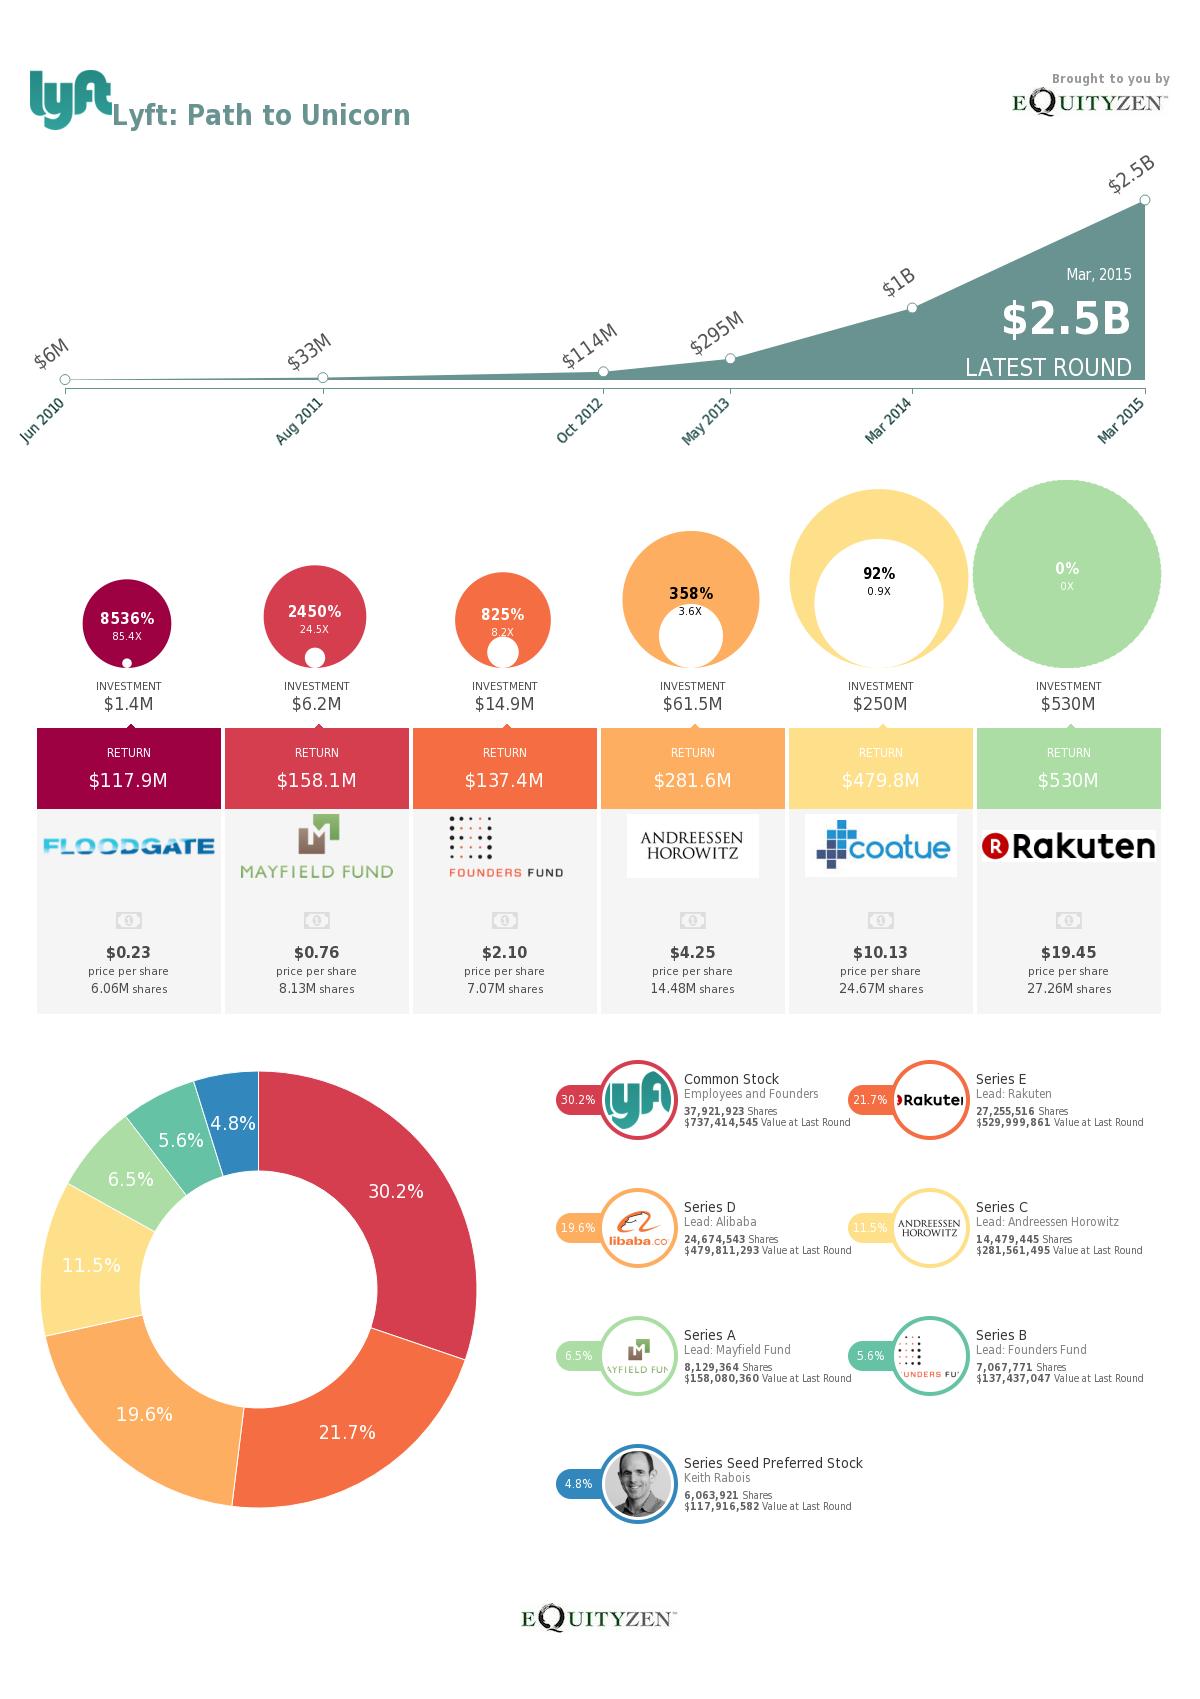 How much have Lyft's venture investors profited? - Quora